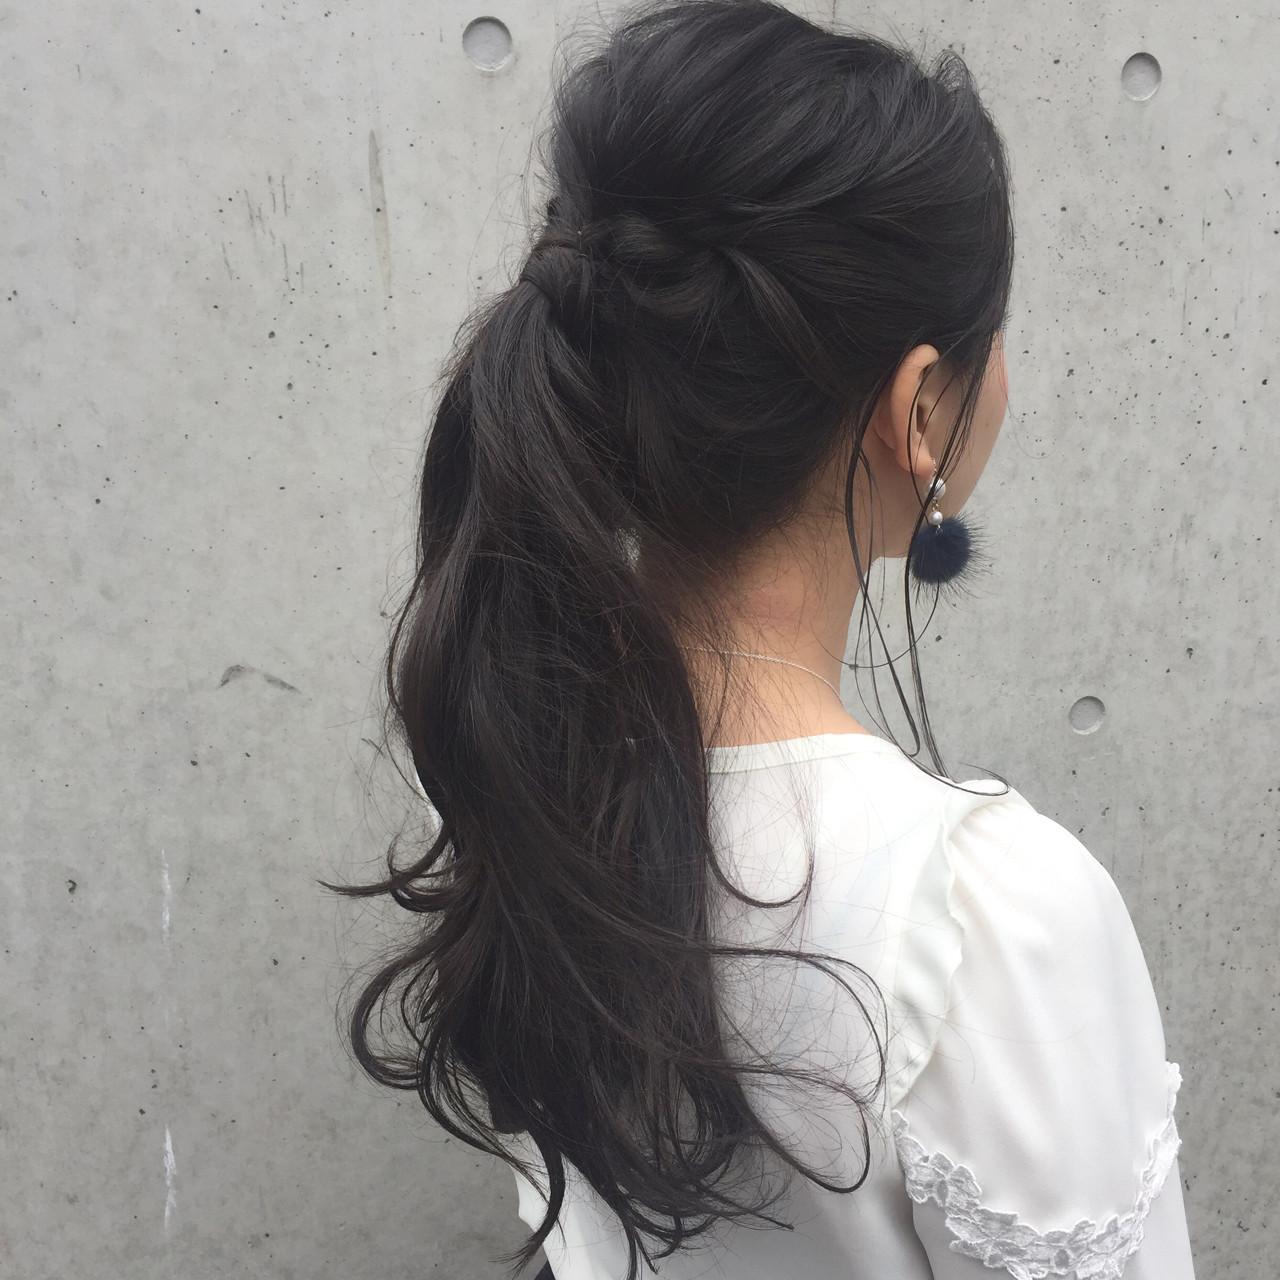 黒髪女子必見♪ツヤツヤの黒髪が映えるおすすめヘアアレンジに挑戦しよう! 大隣 正佳  LAiLY by GARDEN